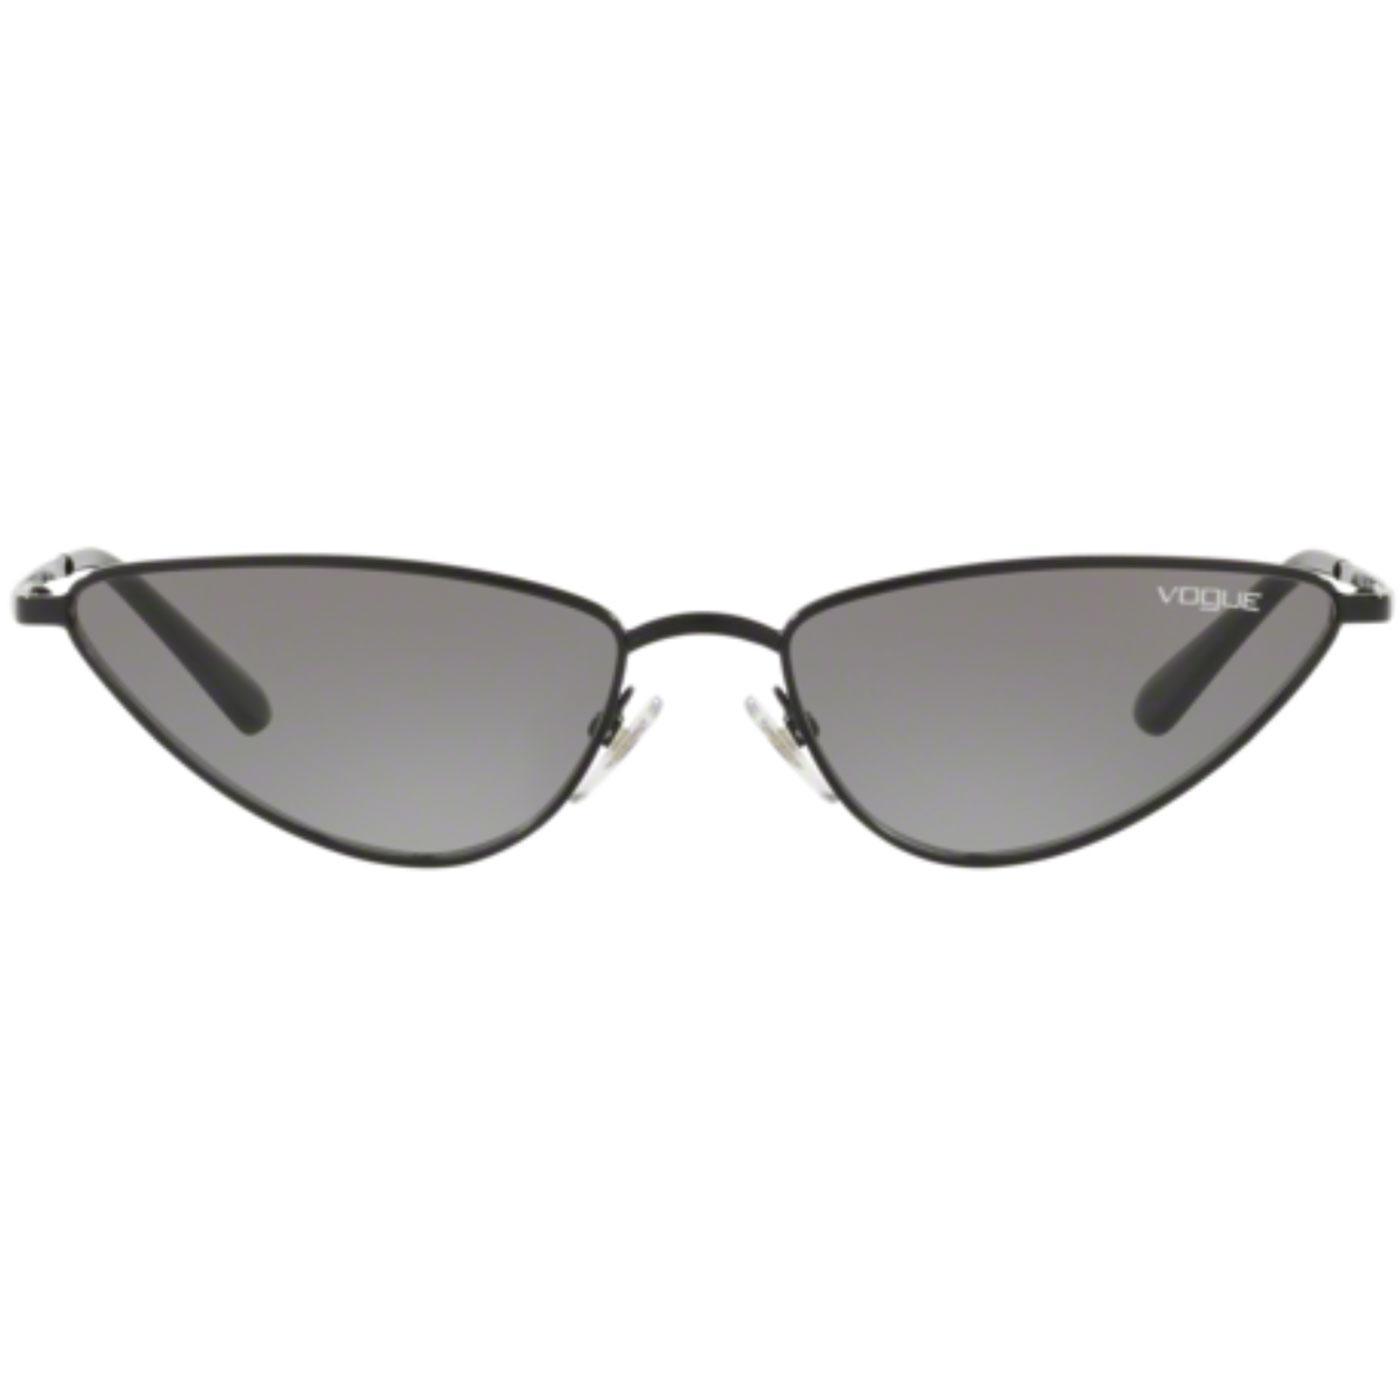 La Fayette VOGUE x GIGI HADID Retro 60s Sunglasses